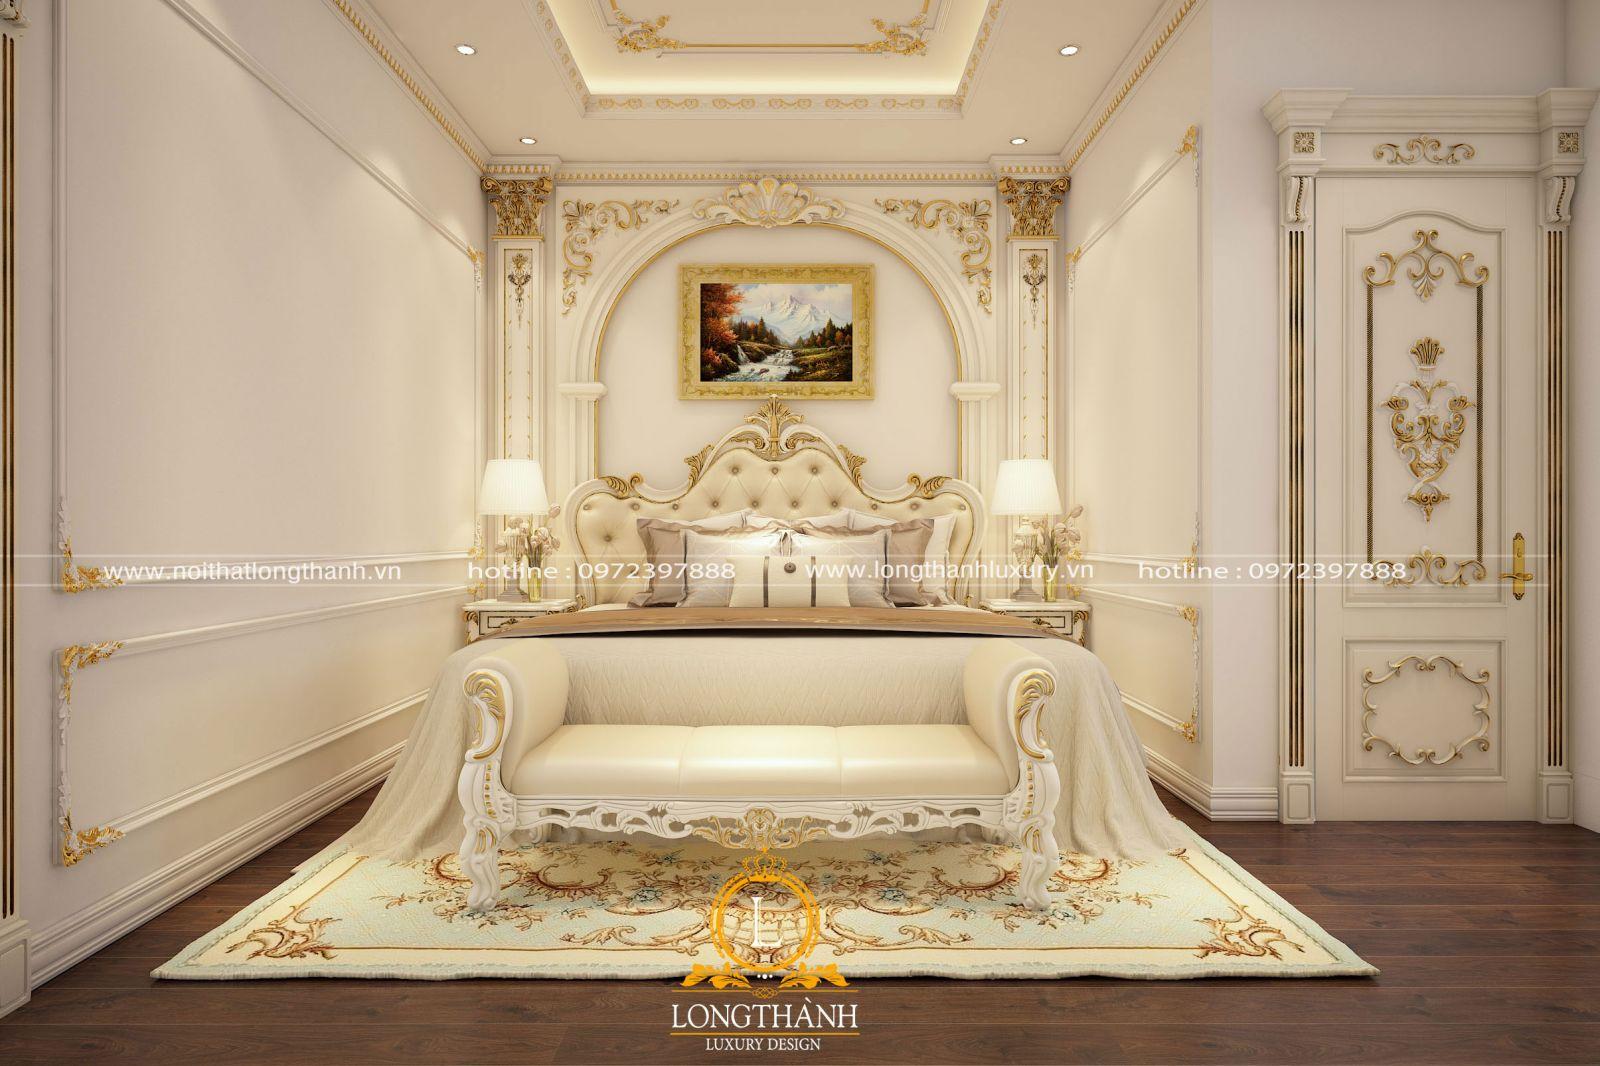 Thiết kế nội thất tân cổ điển kiểu Pháp – Vẻ đẹp lãng mạn và say đắm